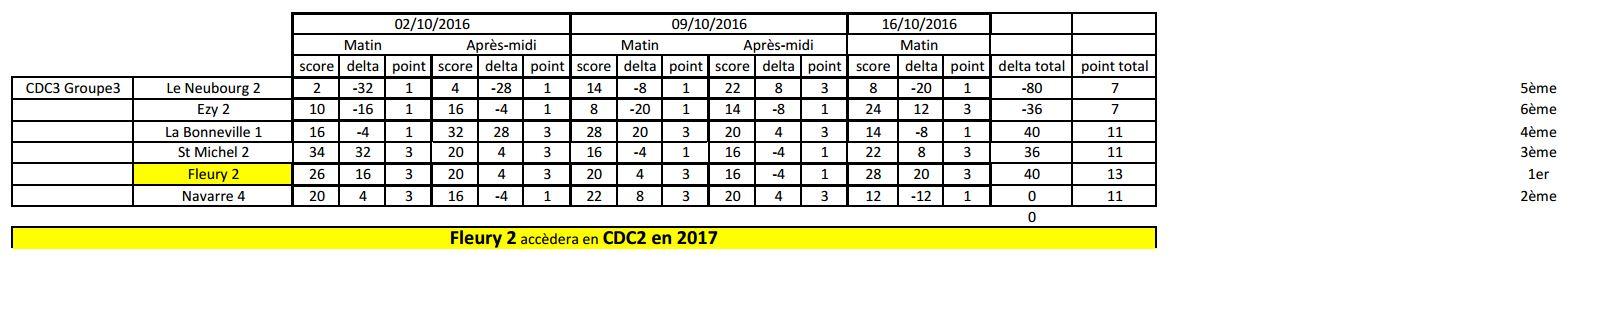 les classement des championnat des clubs 2016